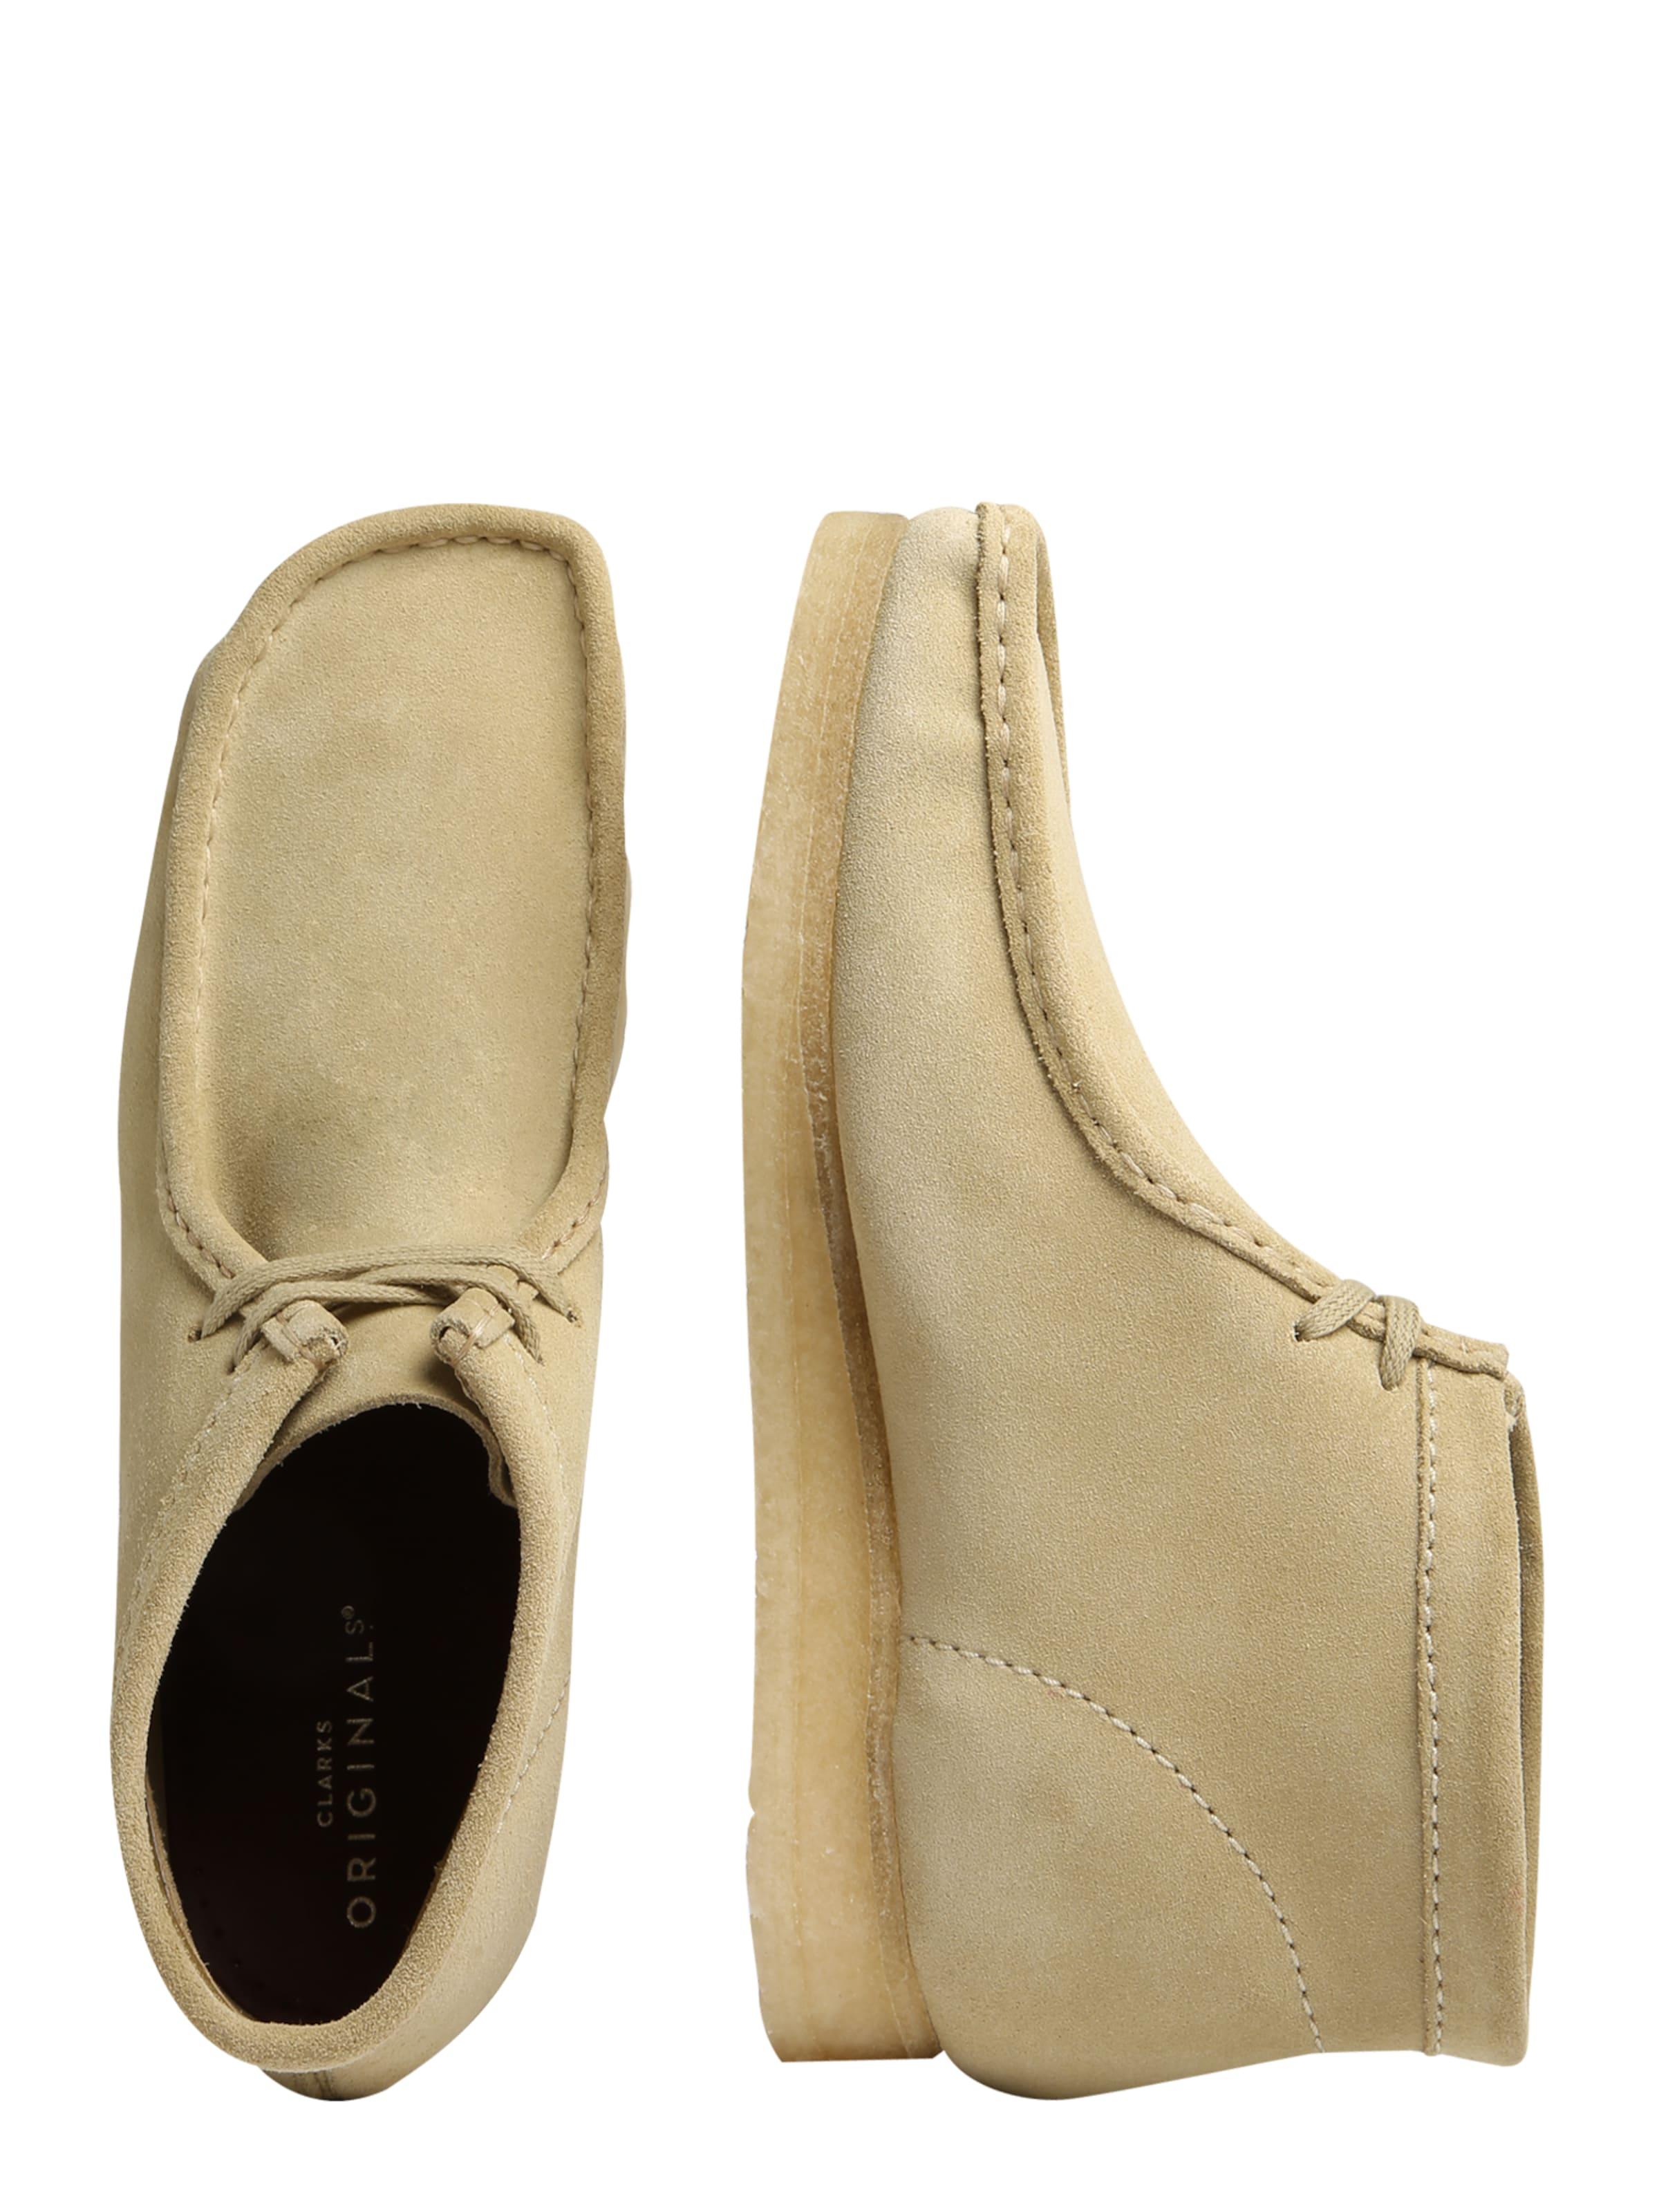 Clarks Originals Stiefel Stiefel Stiefel 'Wallabee Leder Billige Herren- und Damenschuhe 4d4f7d